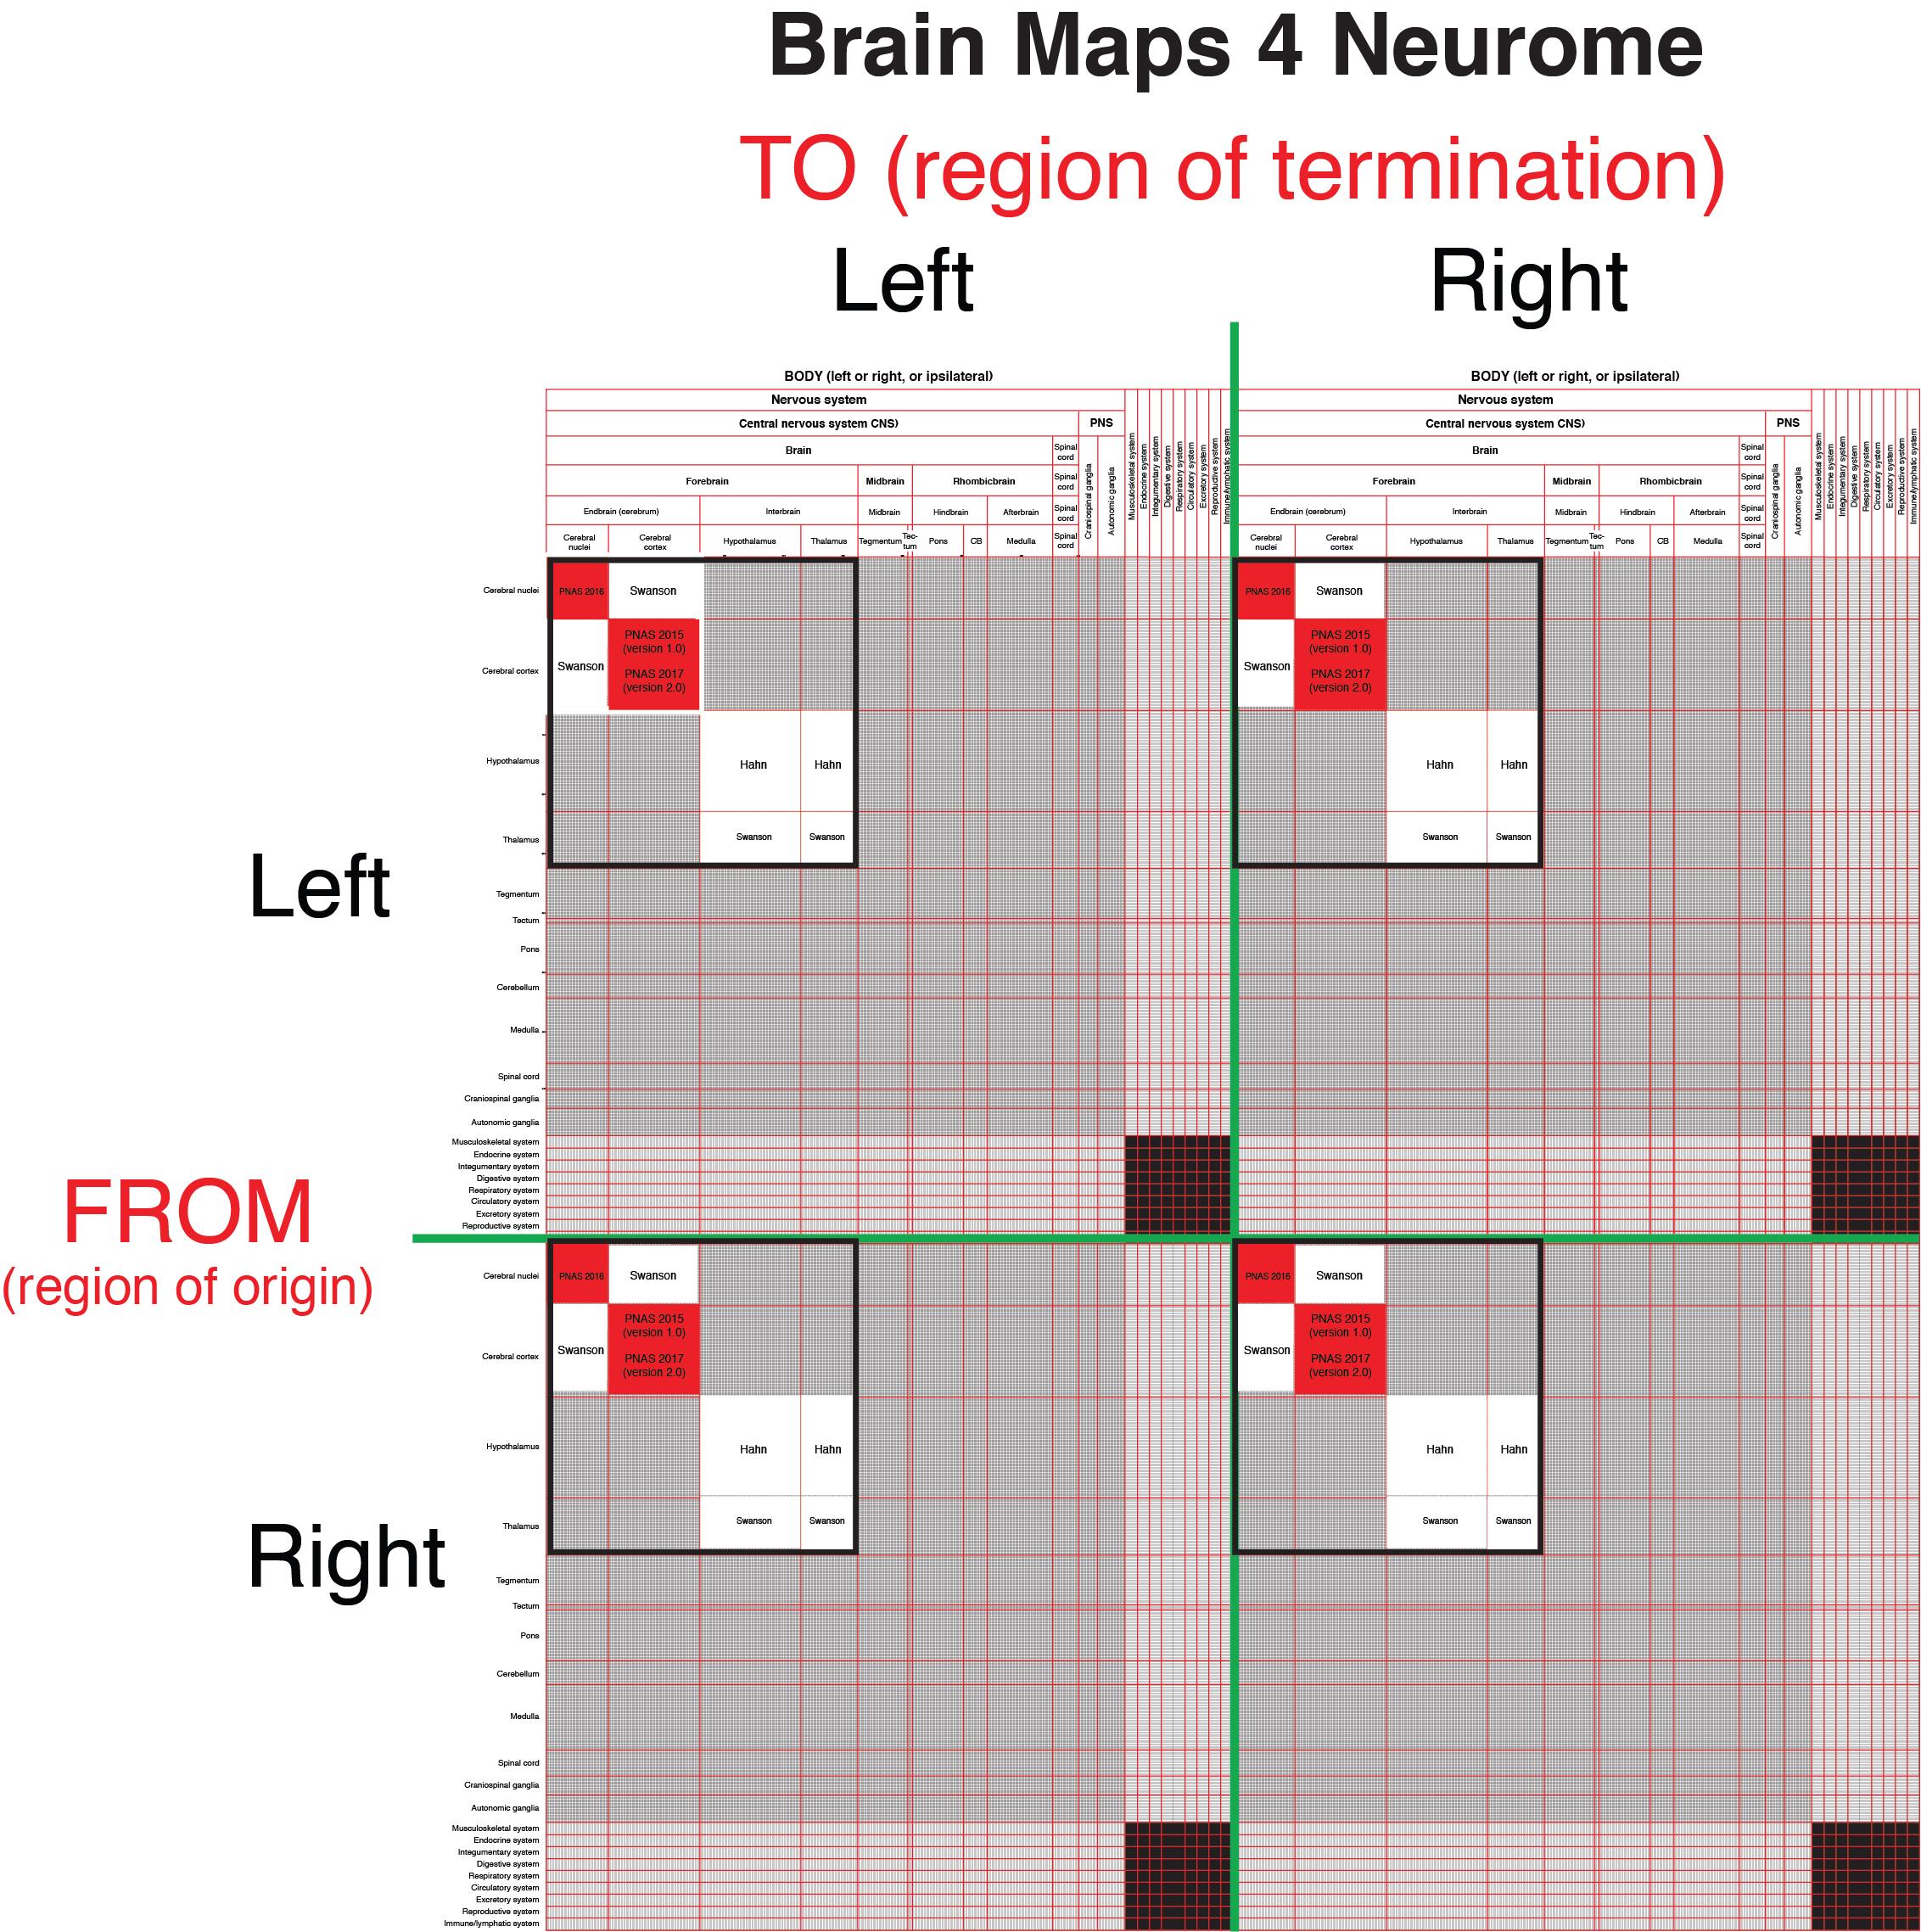 Rat Neurome Project | Larry Swanson